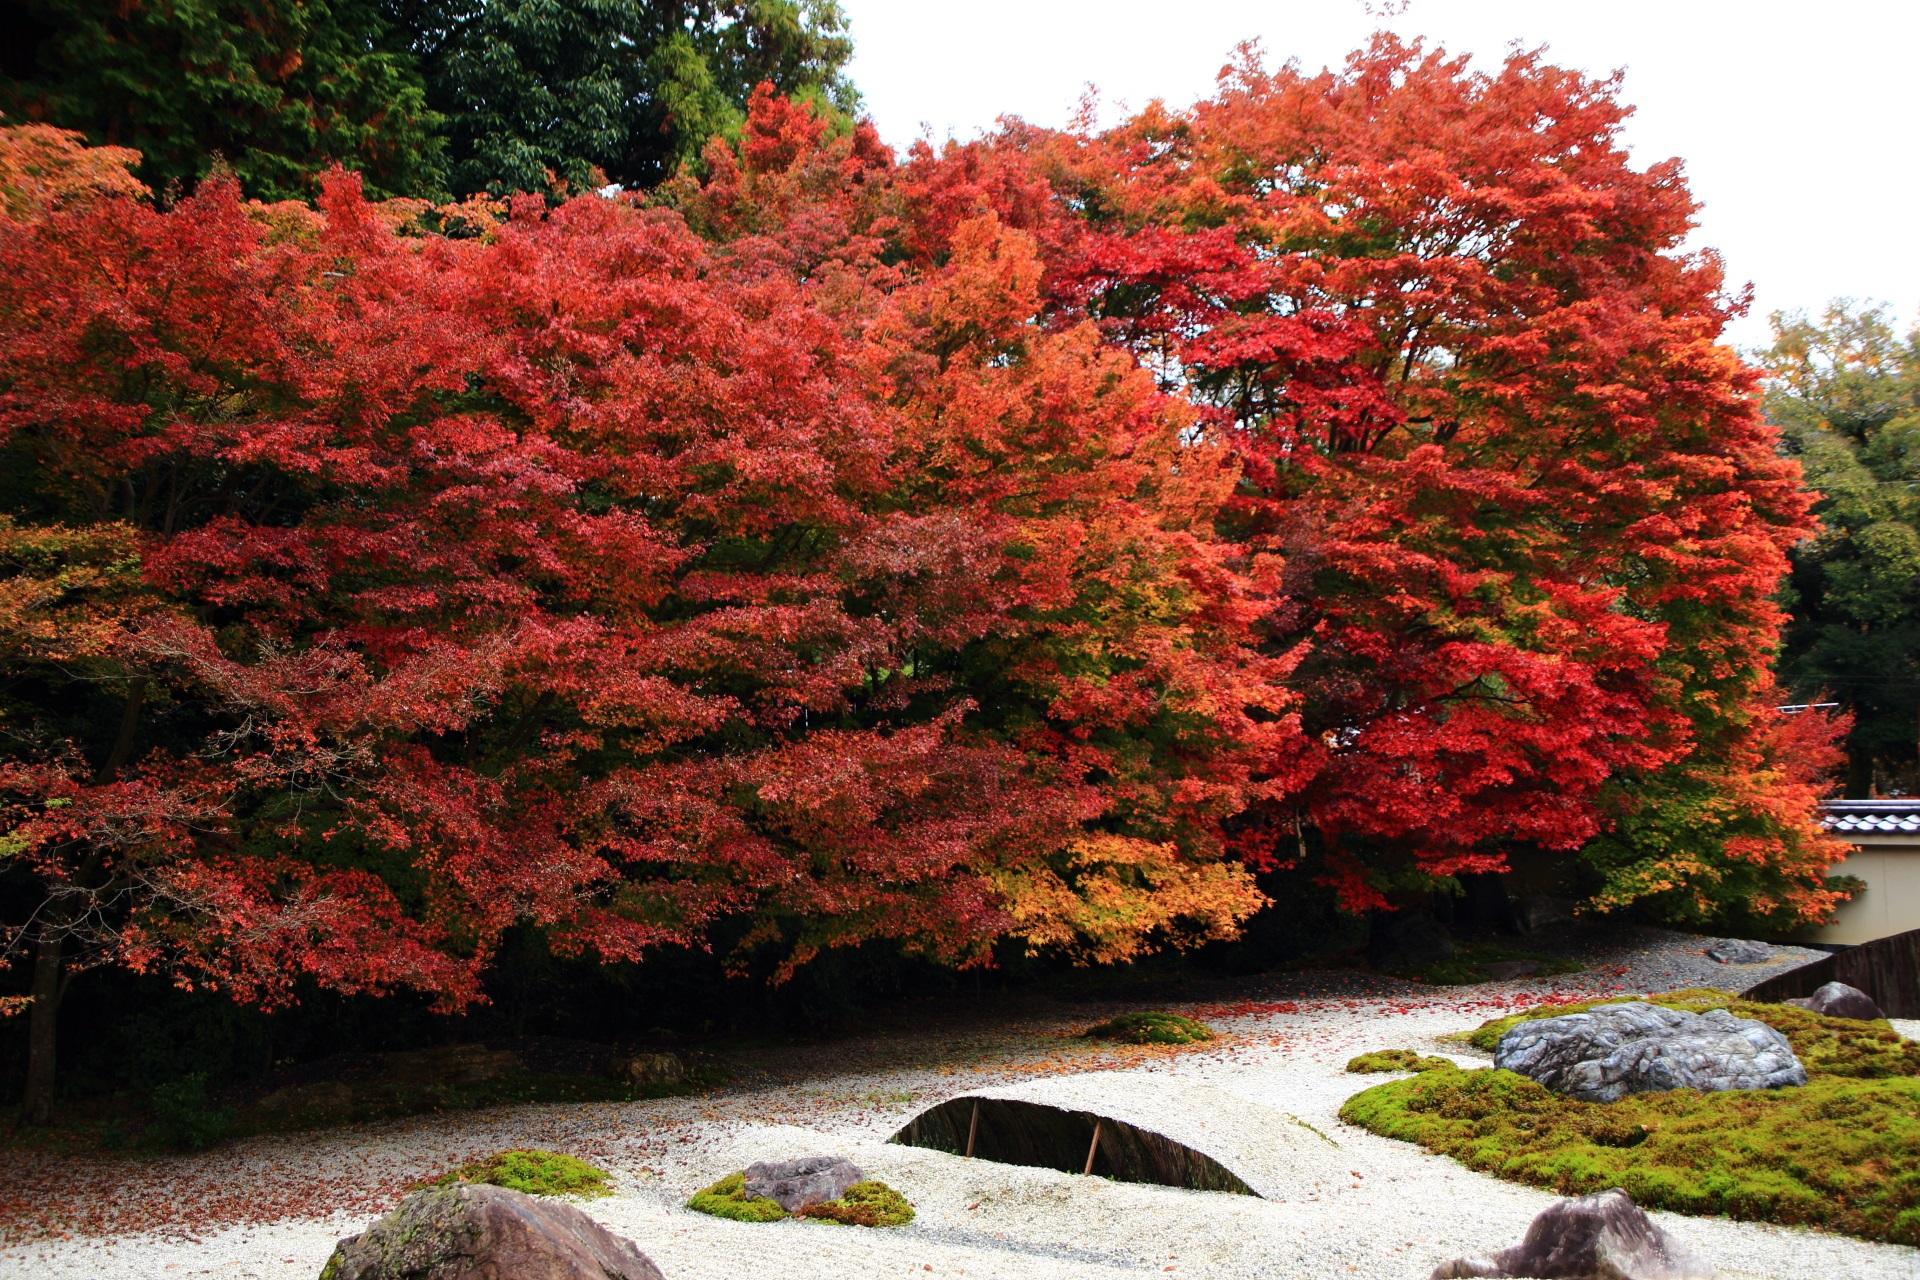 実相院門跡の石庭を彩る多彩な紅葉